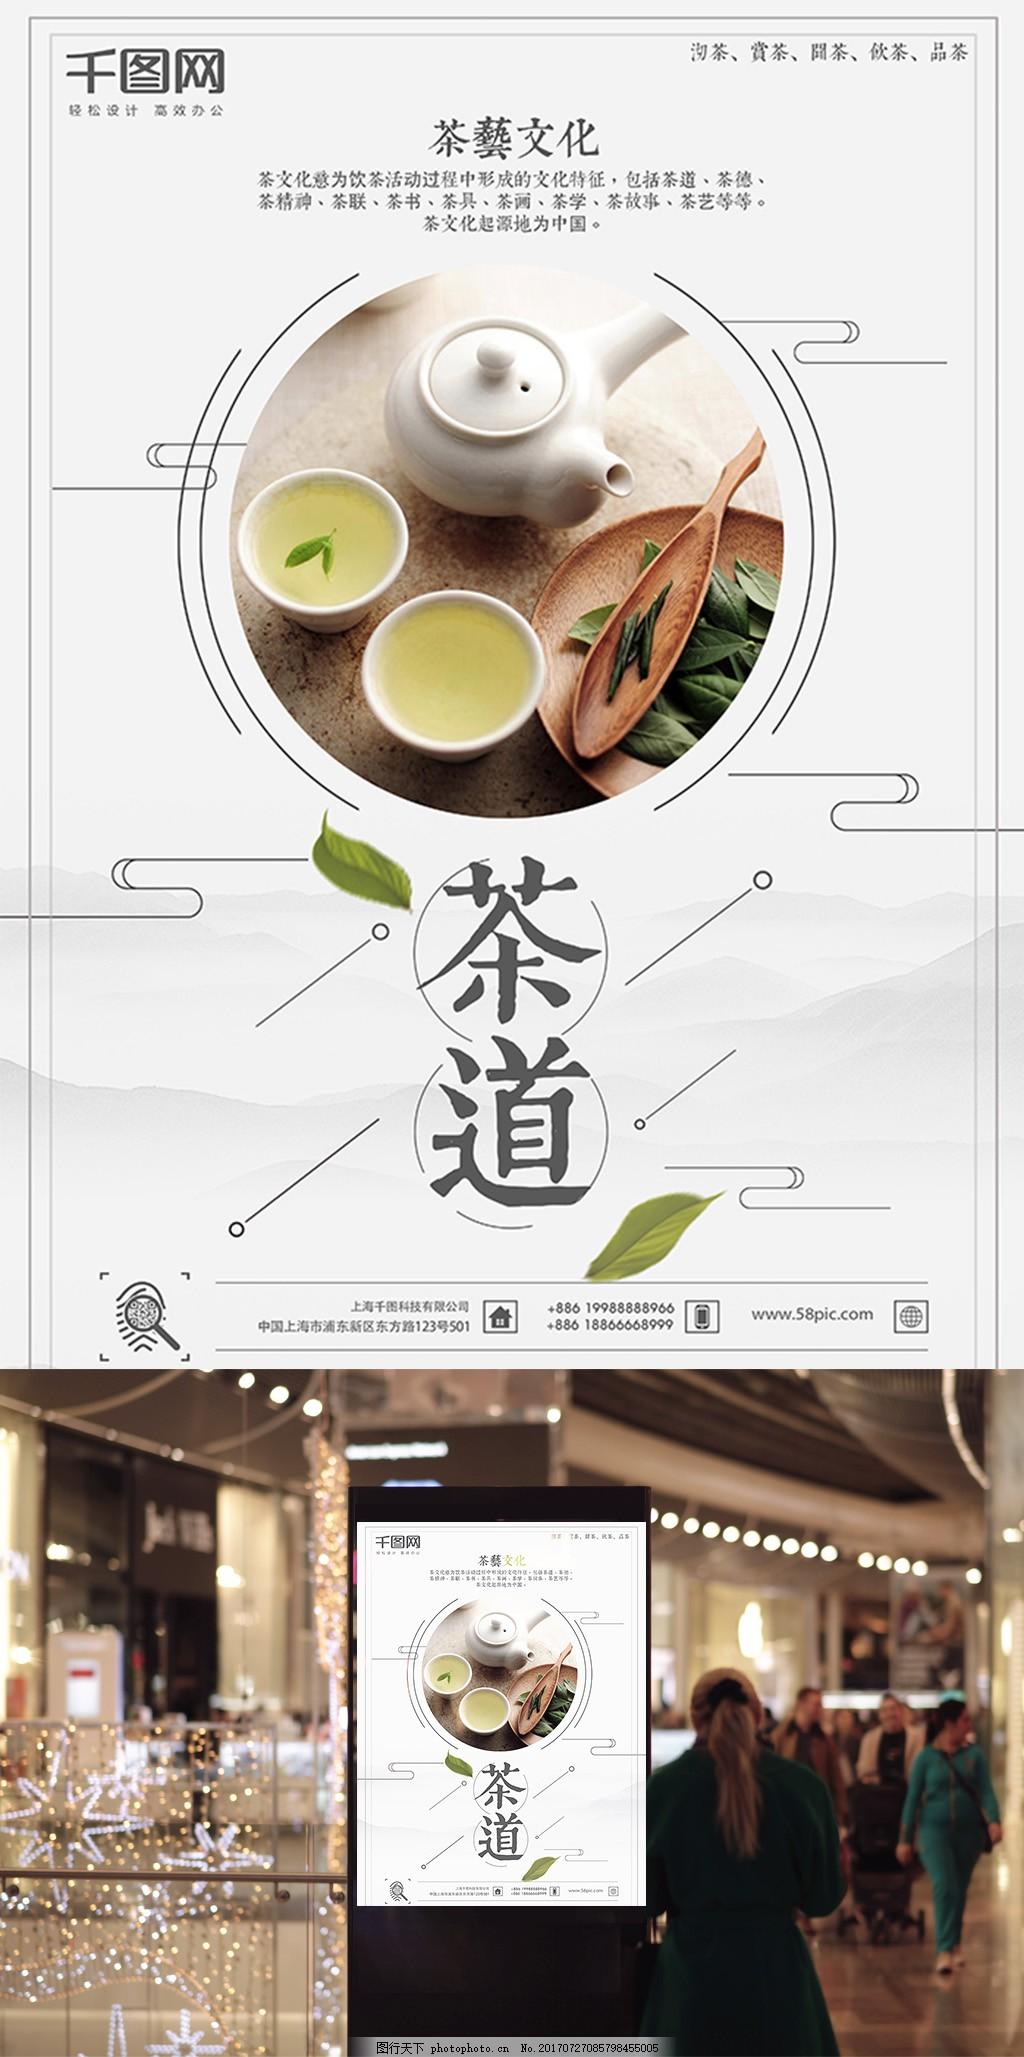 简洁大气中式中国风茶叶海报商业模板设计 新茶上市 茶叶展架 茶叶宣传单